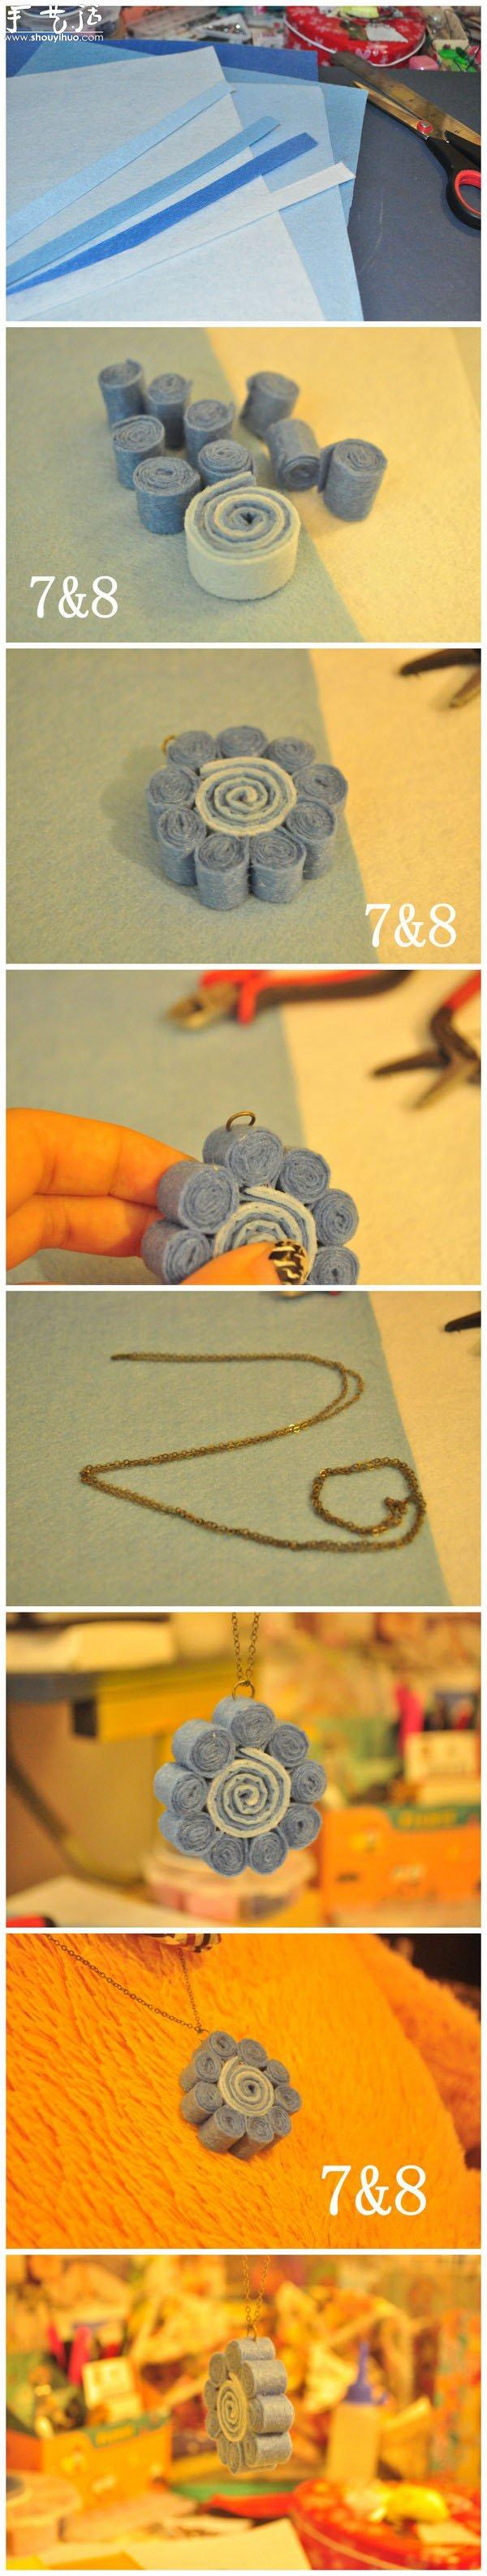 不織布製作太陽花小掛墜項鏈的方法